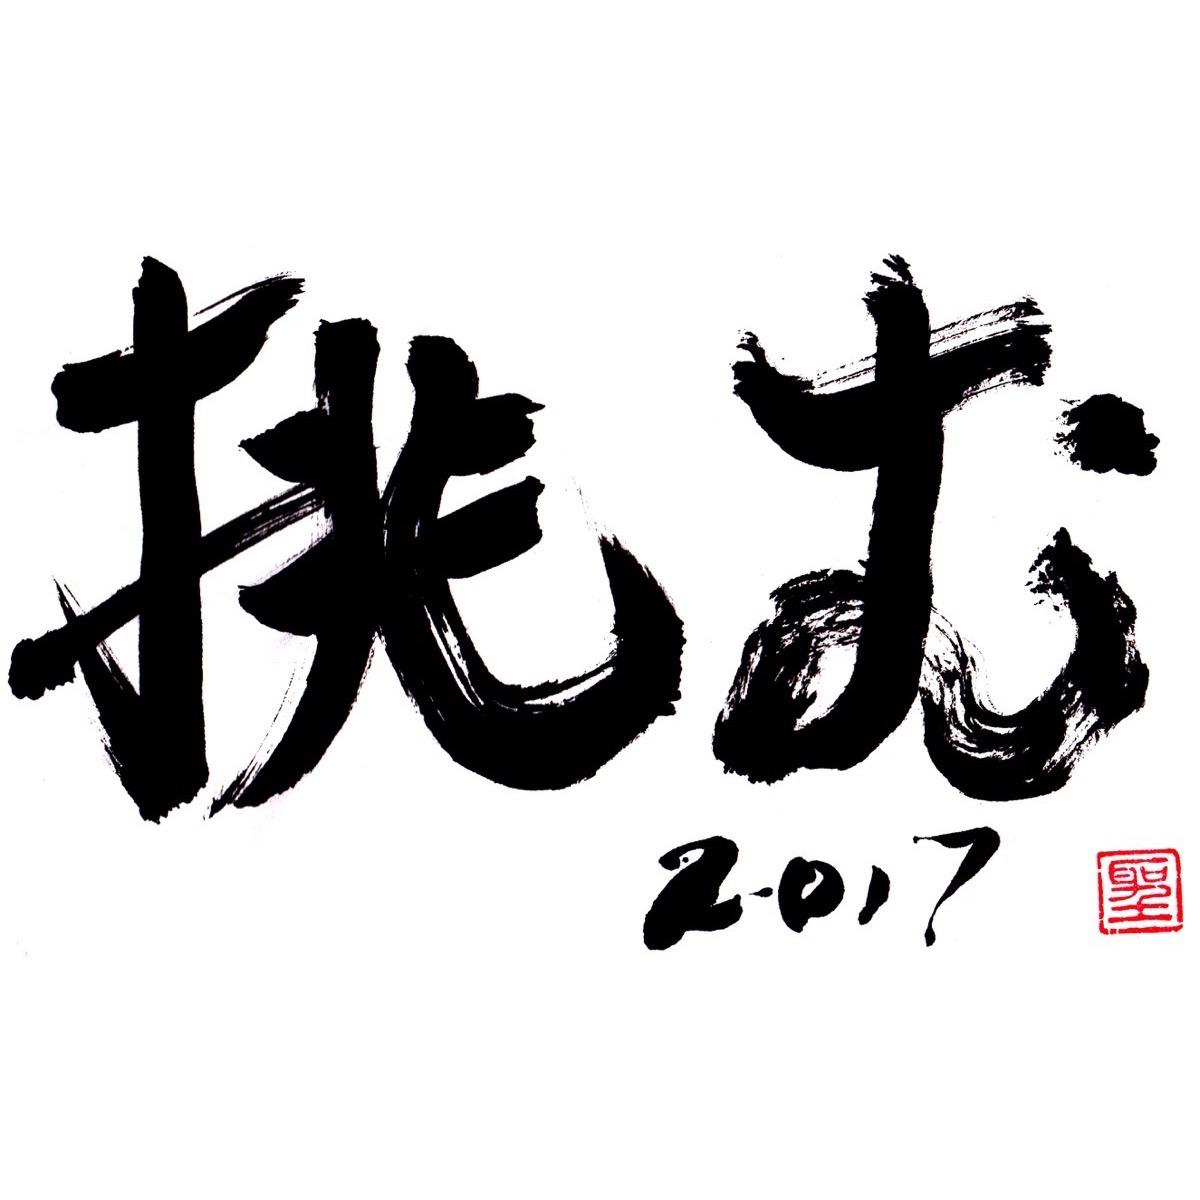 挑む 2017